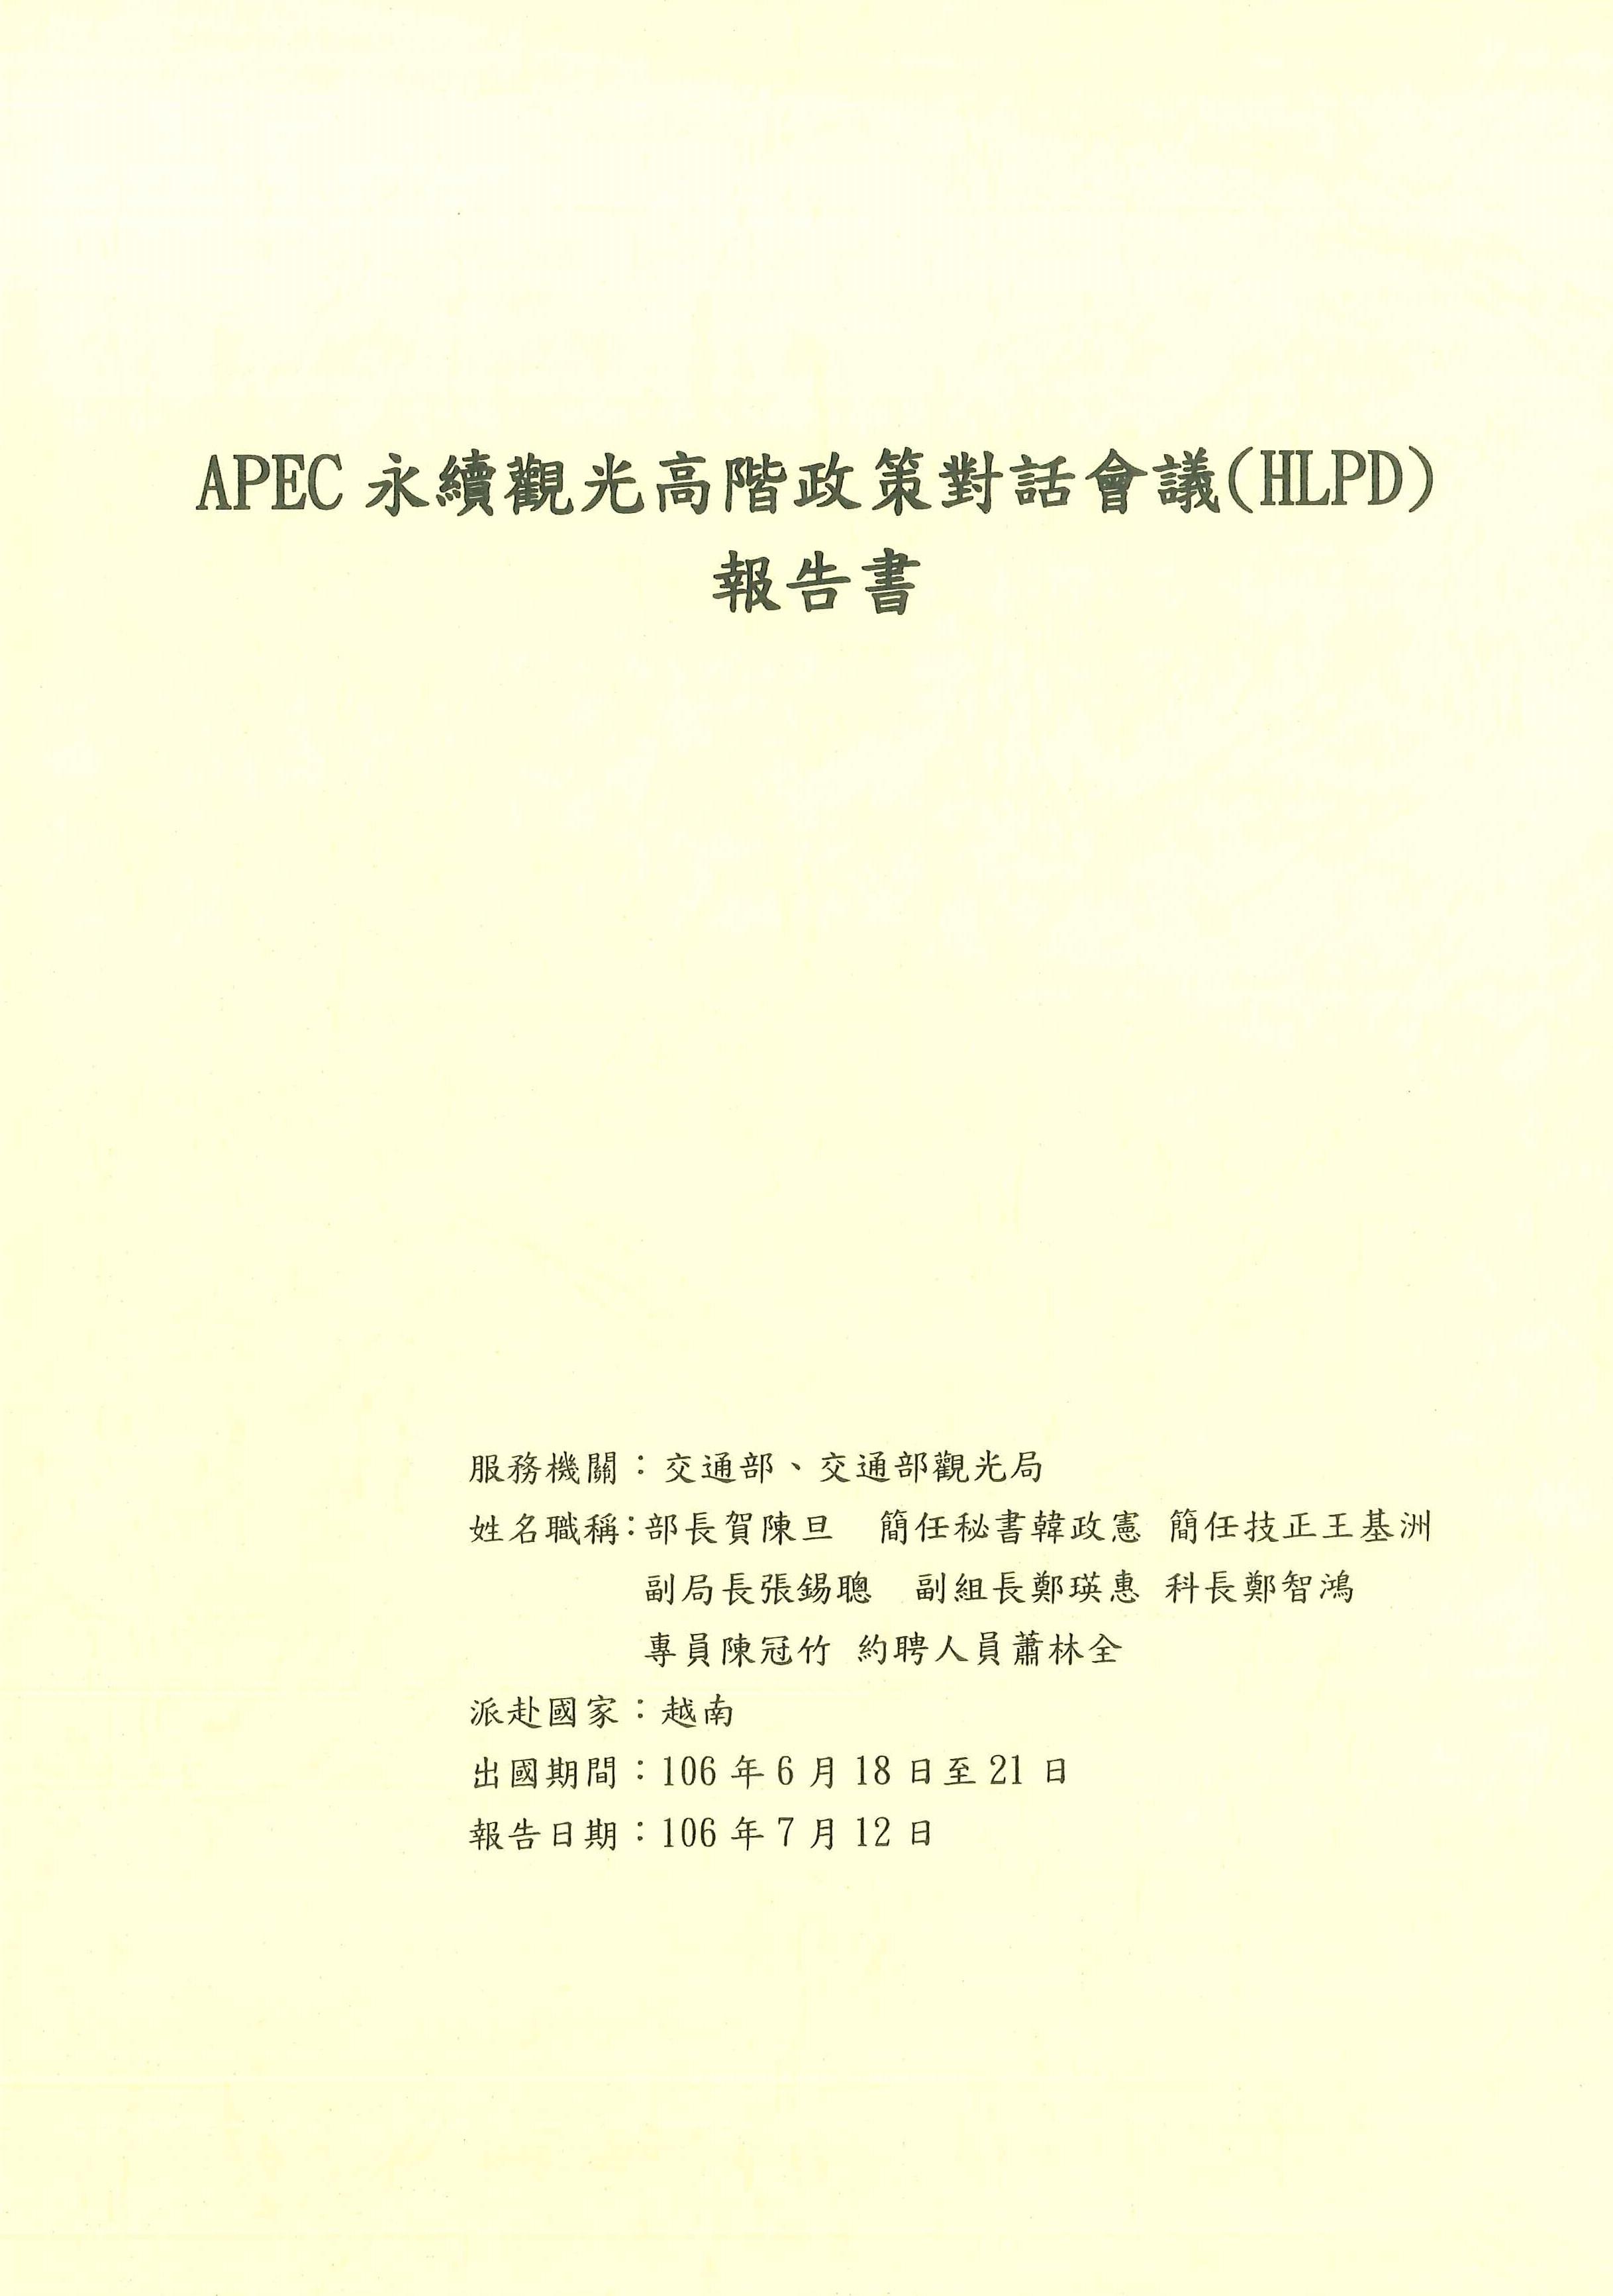 APEC永續觀光高階政策對話會議(HLPD)報告書